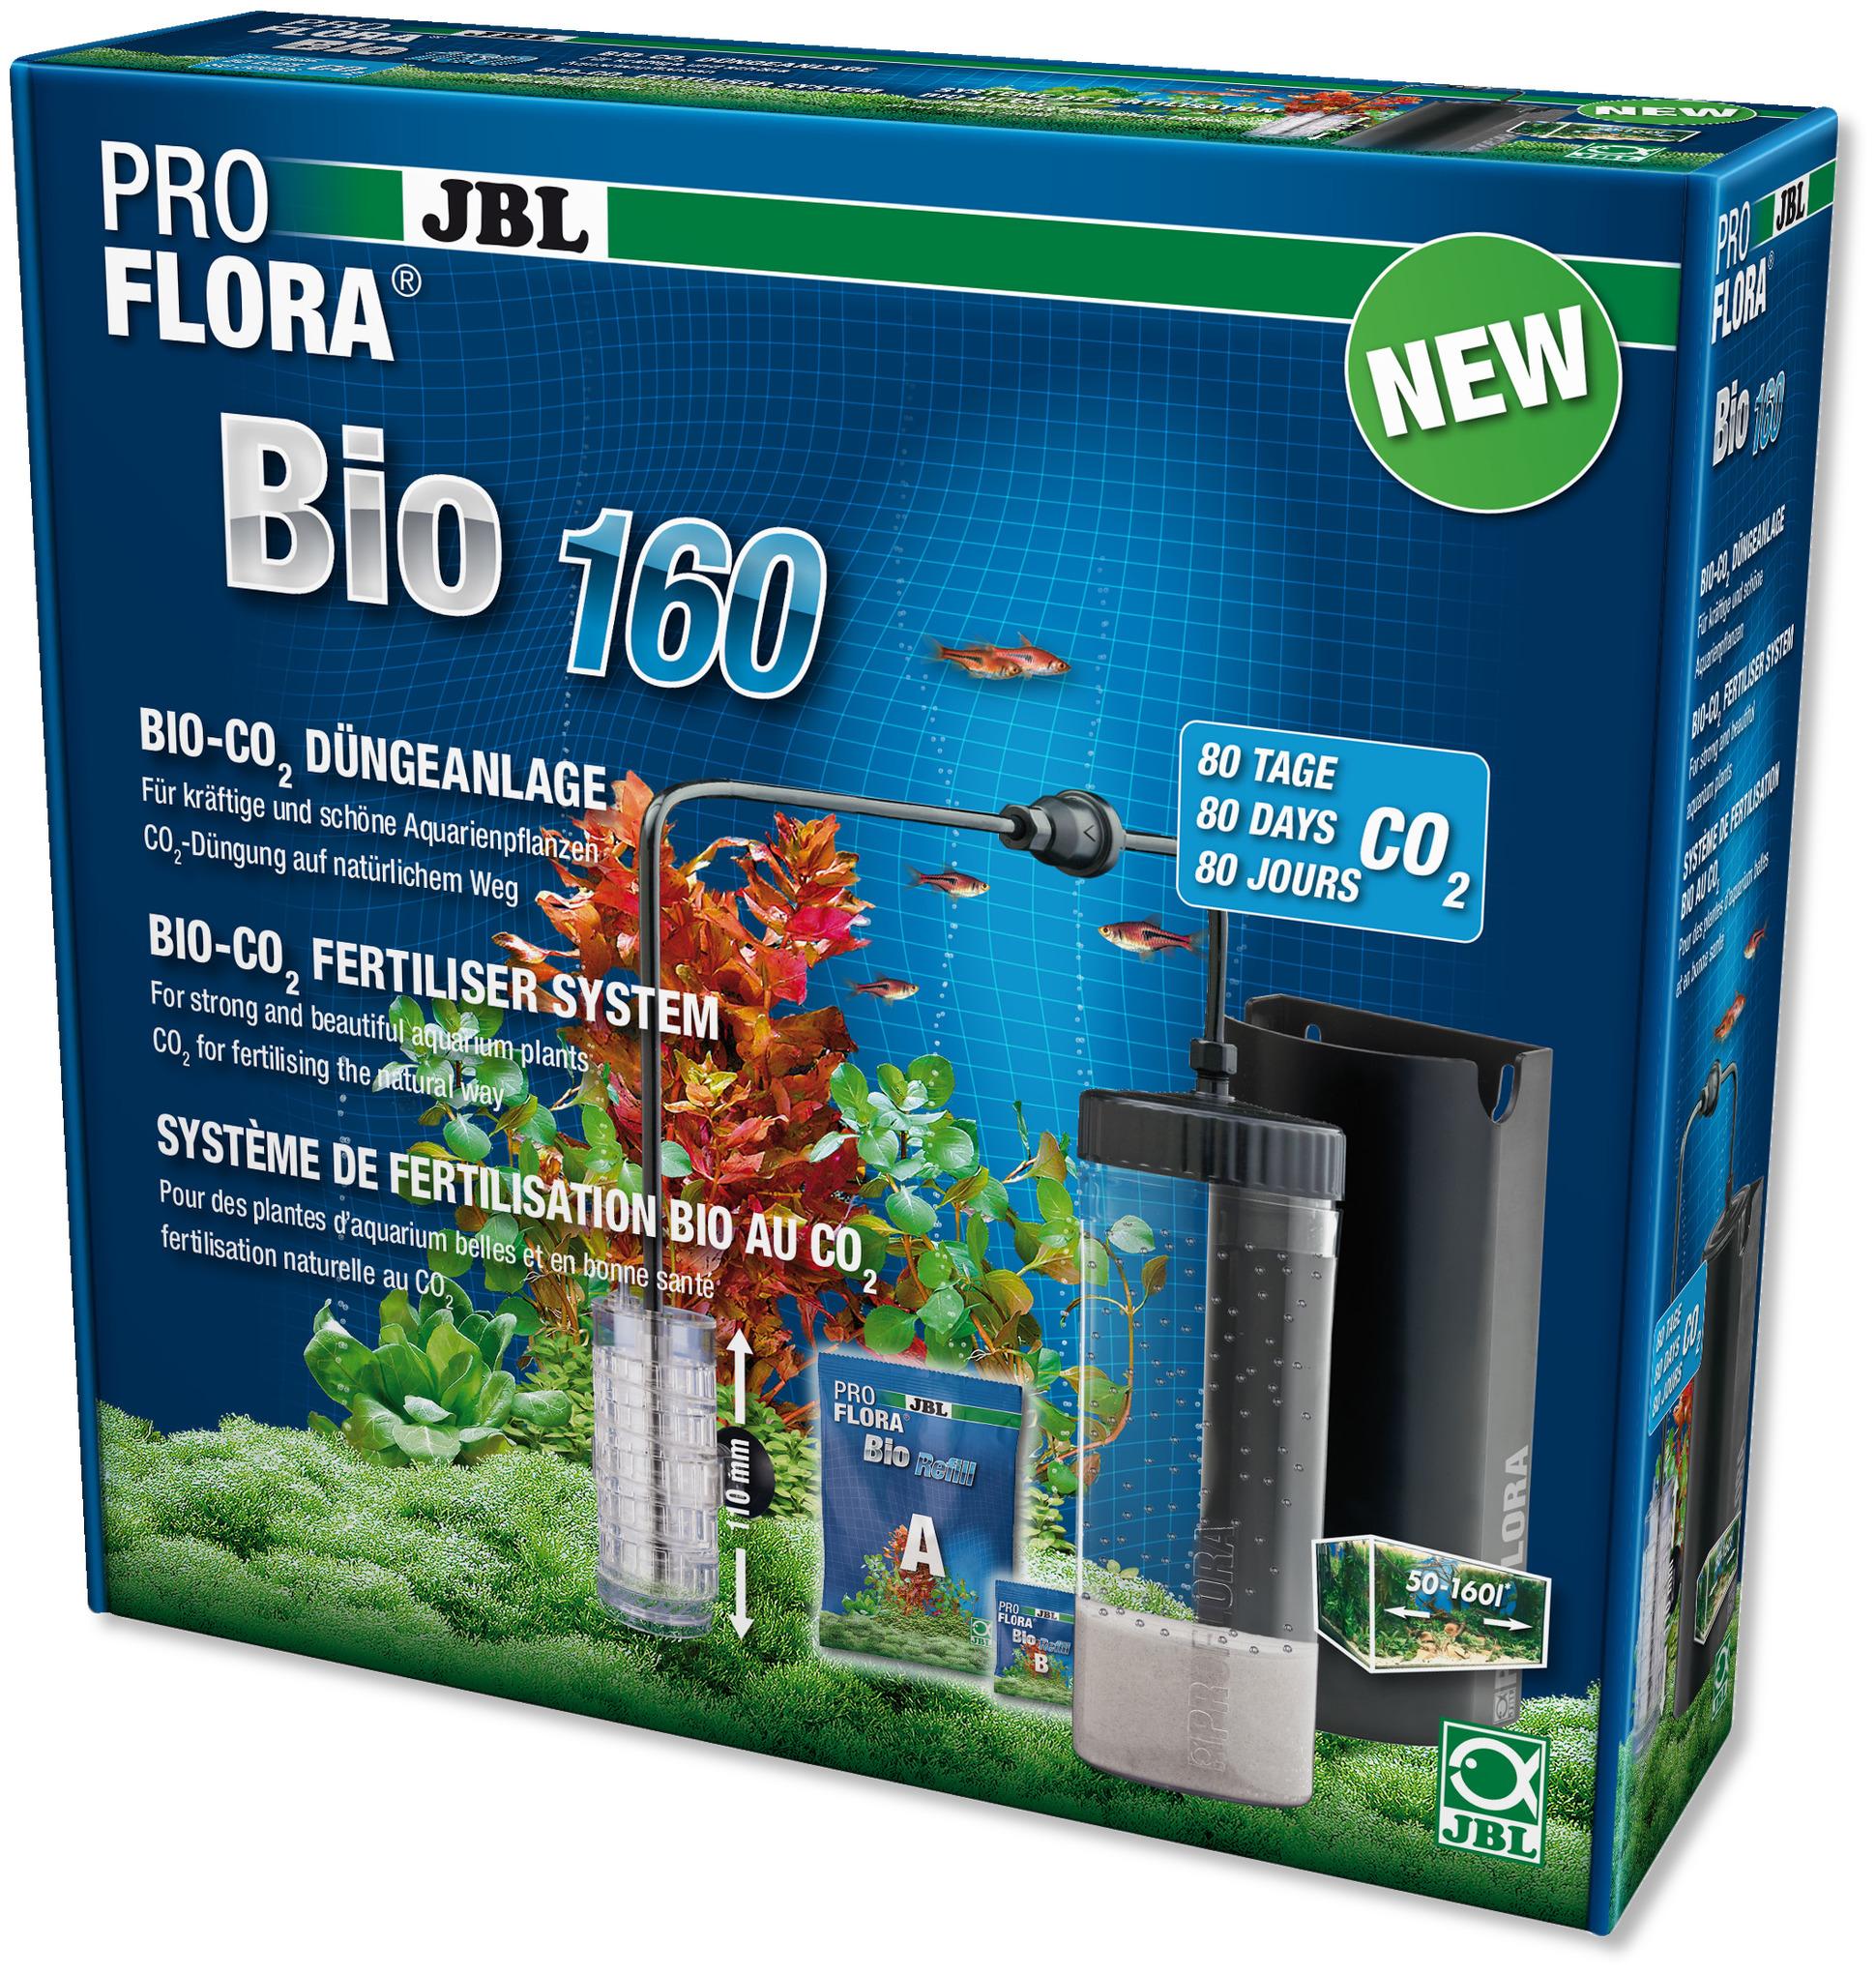 JBL Proflora Bio 160 kit fertilisation au bio-CO2 avec diffuseur extensible pour aquarium de 50 à 160L